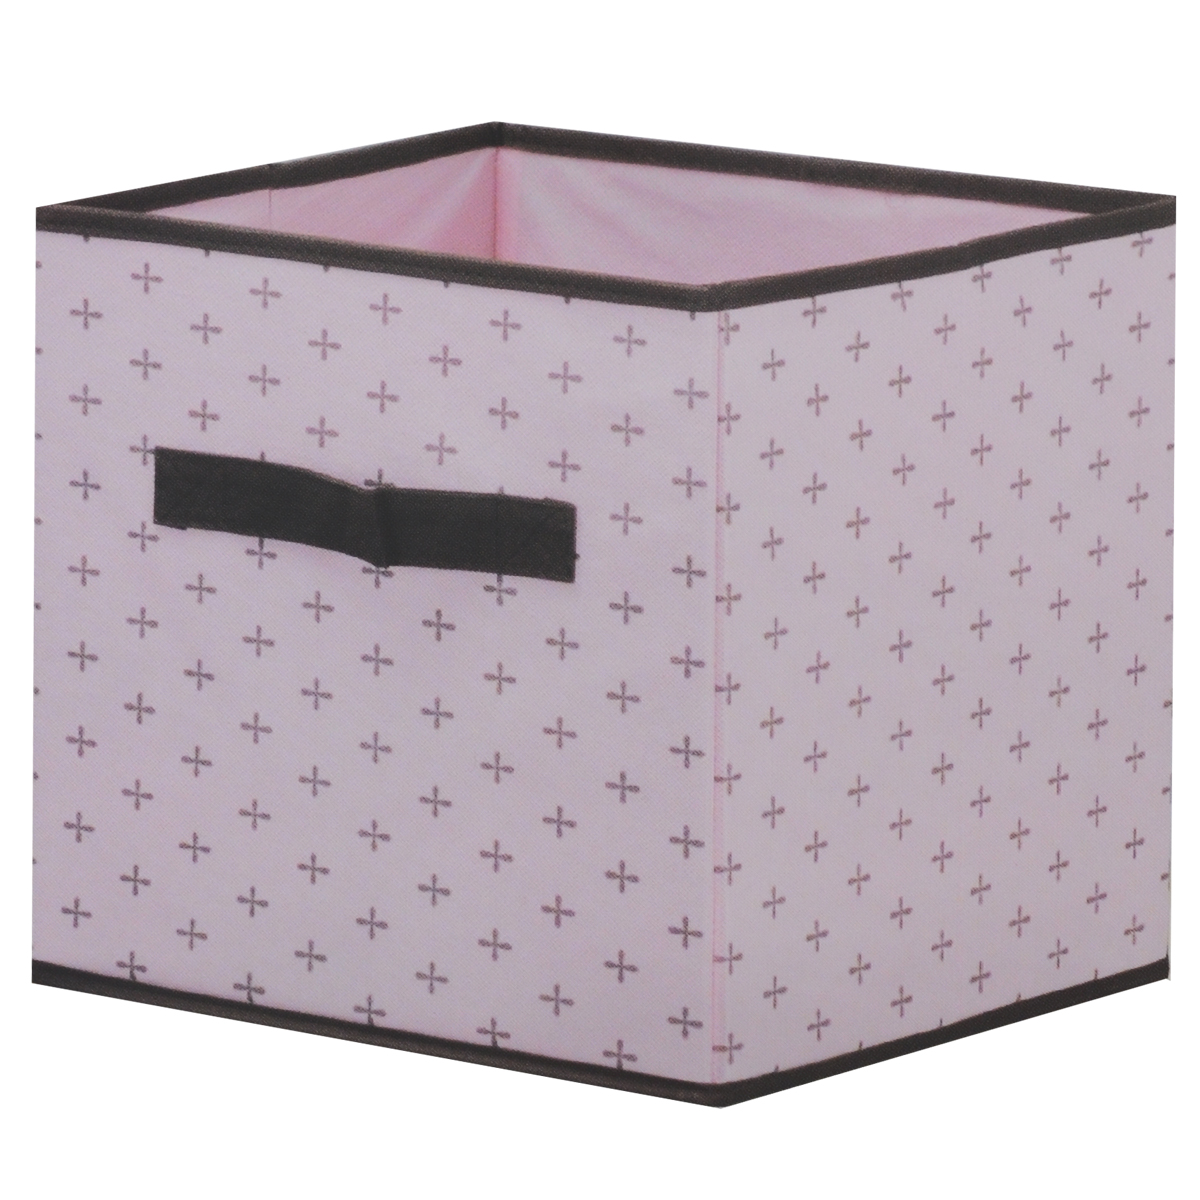 Ящик для хранения, цвет: розовый, 26 х 26 х 26 смFS-6131RЯщик для хранения изготовлен из высококачественного нетканого материала, который позволяет сохранять естественную вентиляцию, а воздуху свободно проникать внутрь, не пропуская пыль. Материал легок, удобен и не образует складок. Благодаря специальным вставкам, ящик прекрасно держит форму, а эстетичный дизайн гармонично смотрится в любом интерьере. Особая конструкция позволяет при необходимости одним движением сложить или разложить ящик. Ящик оснащен удобной ручкой. Такой ящик сэкономит место и сохранит порядок в доме.